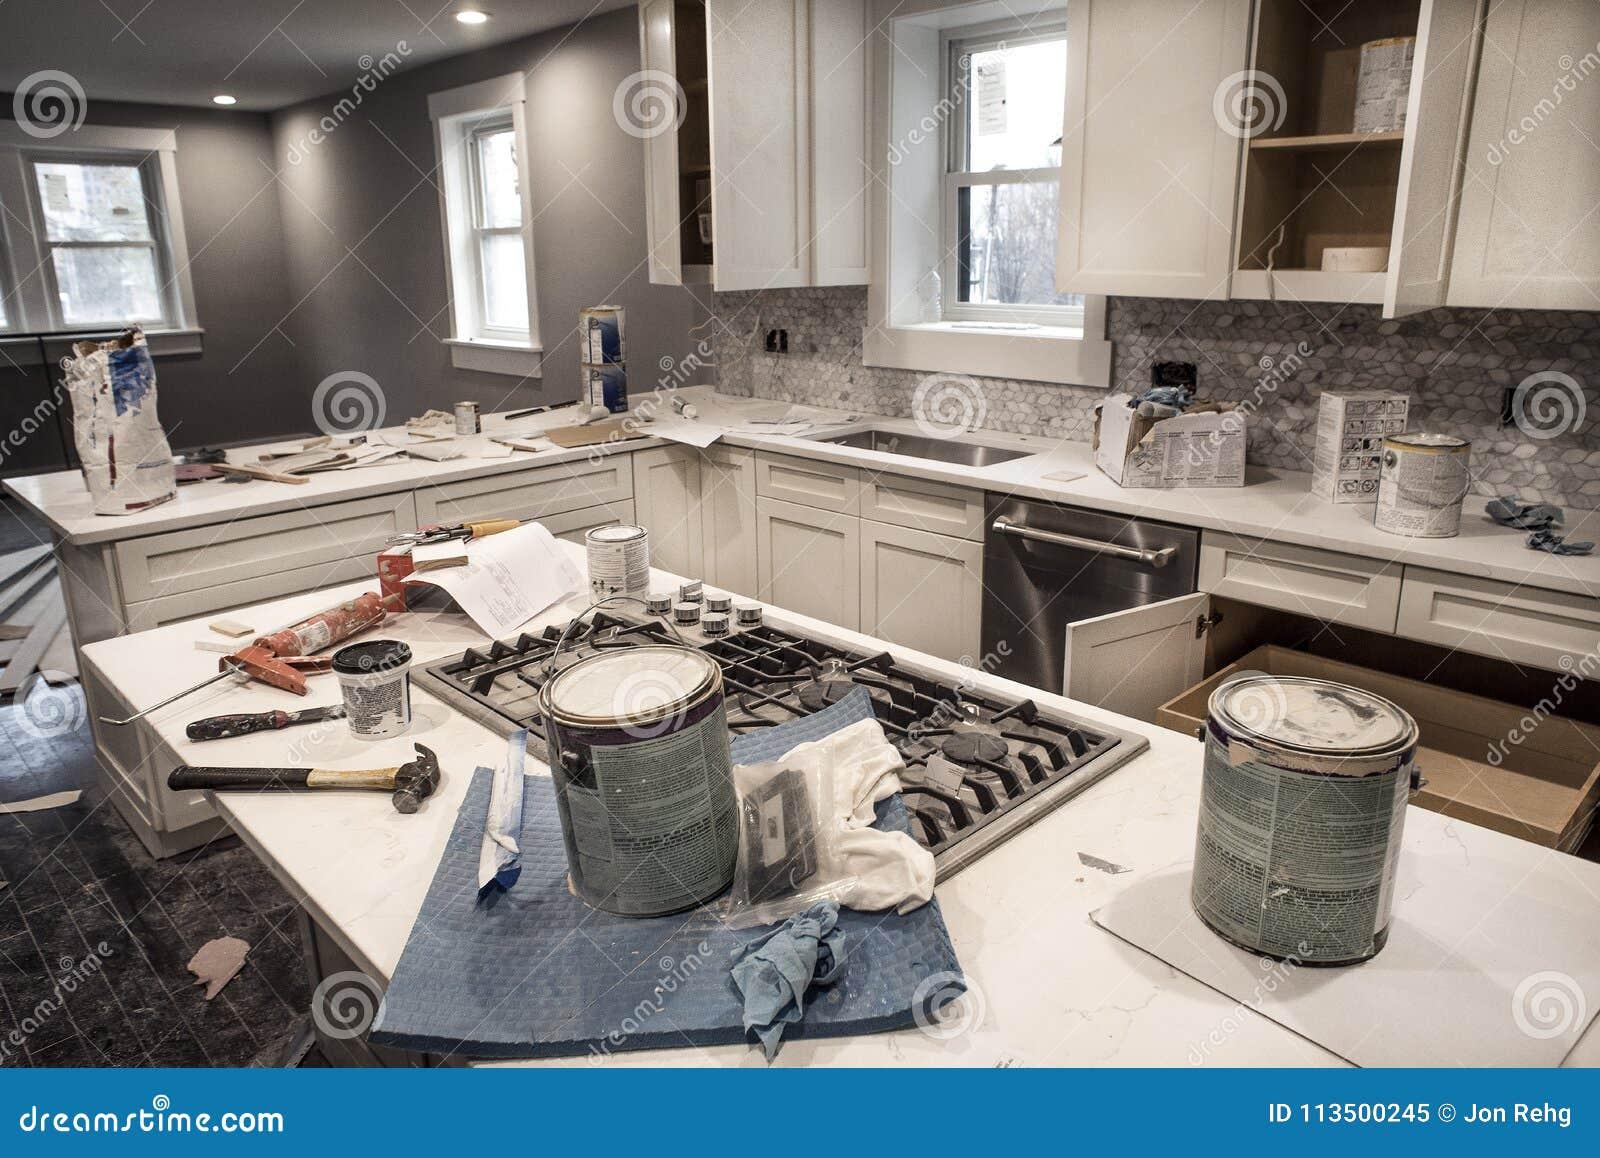 Cocina casera sucia durante el remodelado de la casa que necesita reparaciones con las puertas de armario de cocina